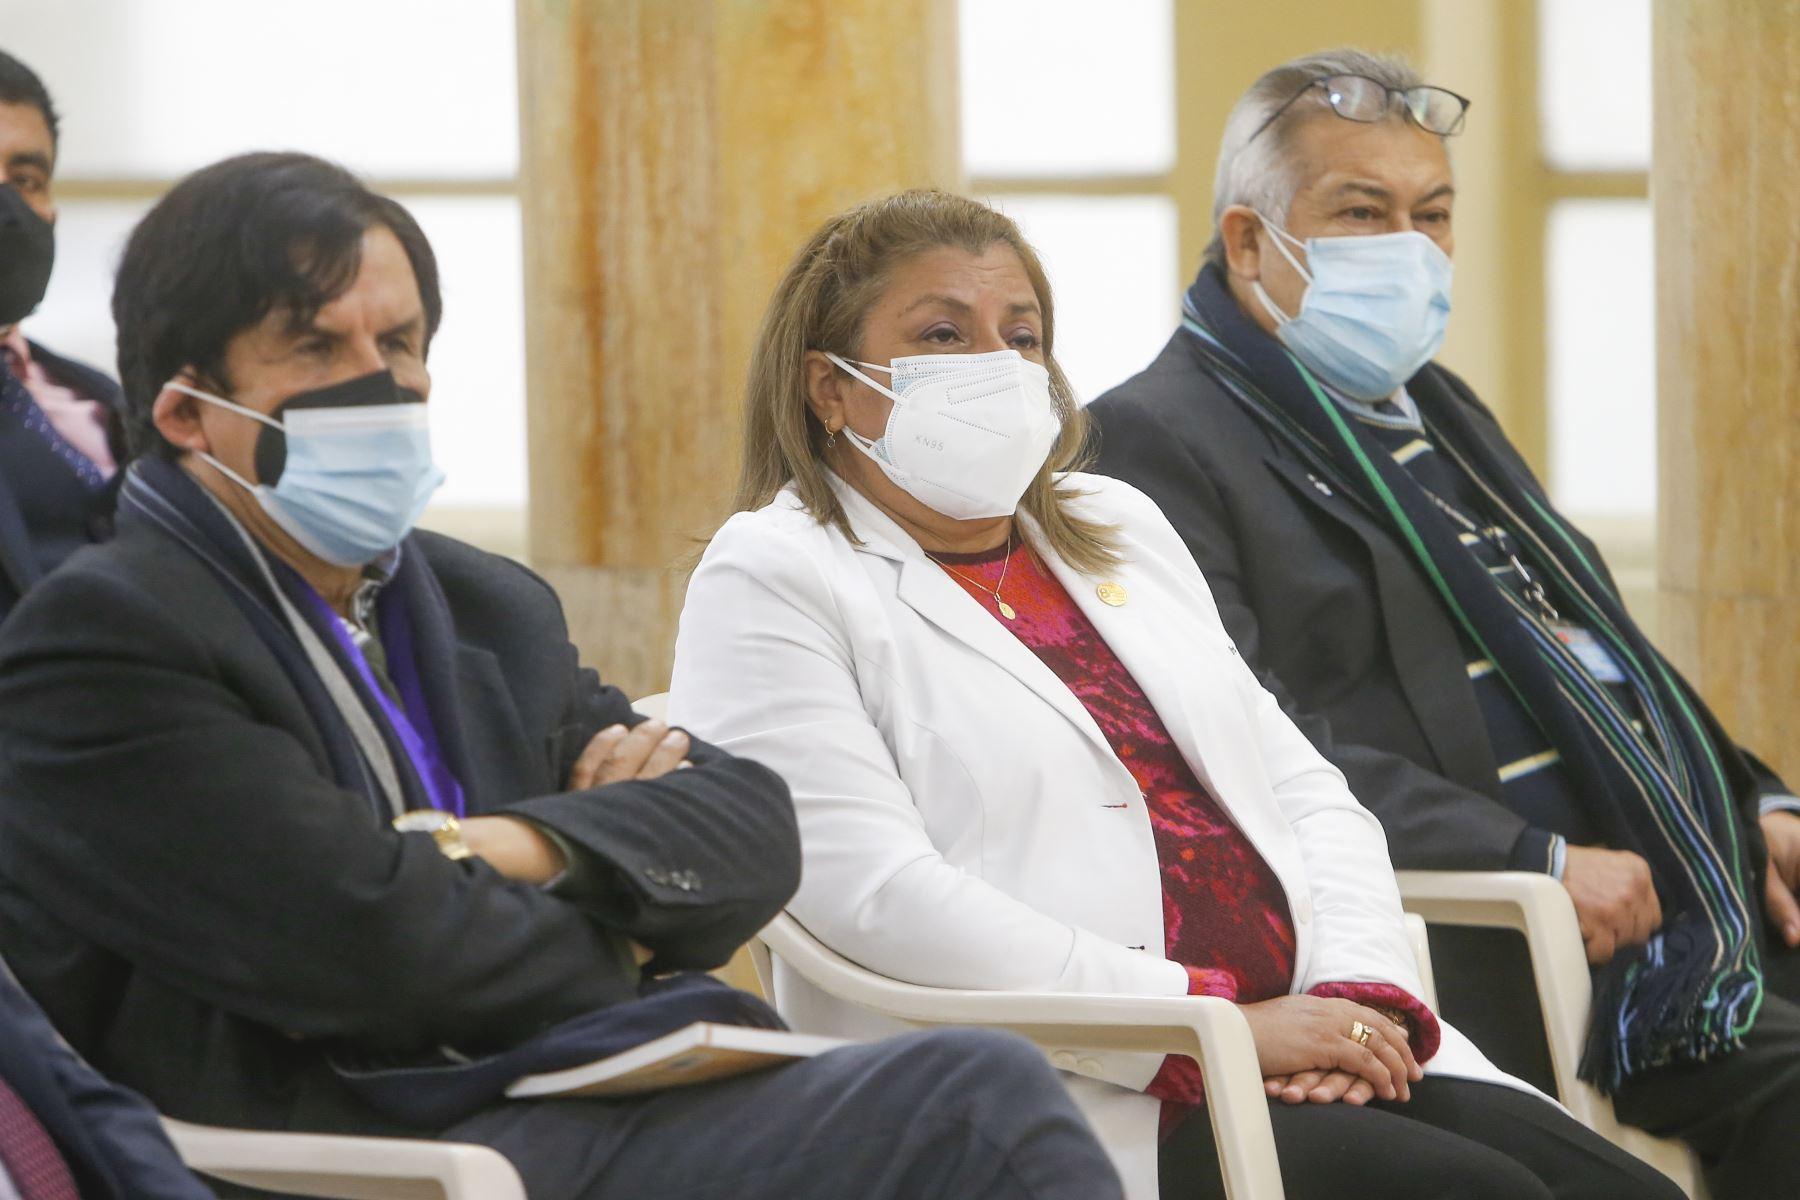 El ministro de Salud, Hernando Cevallos, fue presentado hoy en la sede central del Ministerio de Salud, en Jesús Maria. La ceremonia contó con la presencia del exministro Oscar Ugarte entre otras autoridades. Foto: ANDINA/Minsa